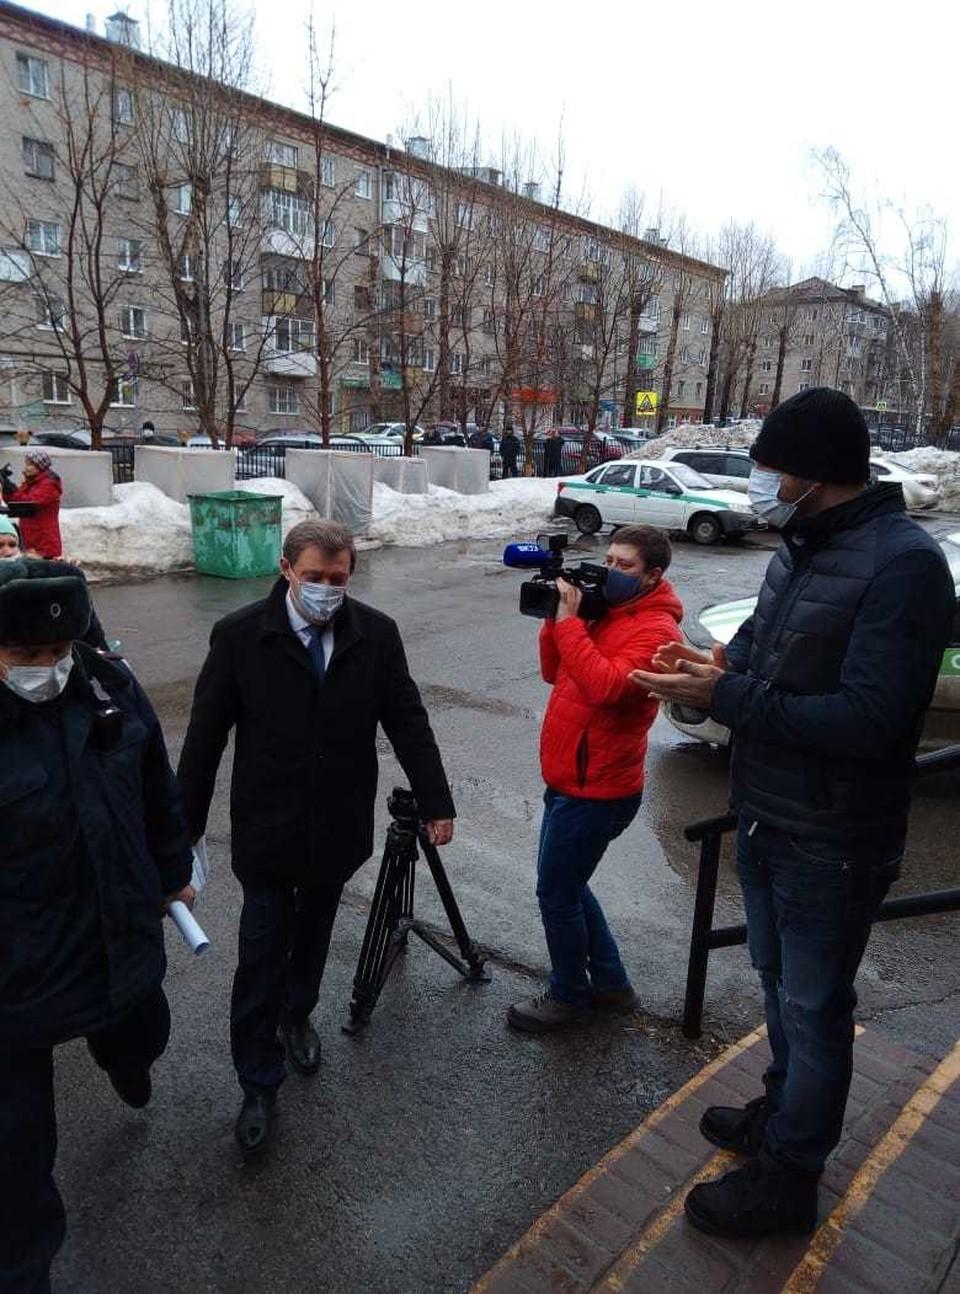 Когда подъехала машина с мэром, люди принялись скандировать: «Ваня! Ваня! Мы победим!»